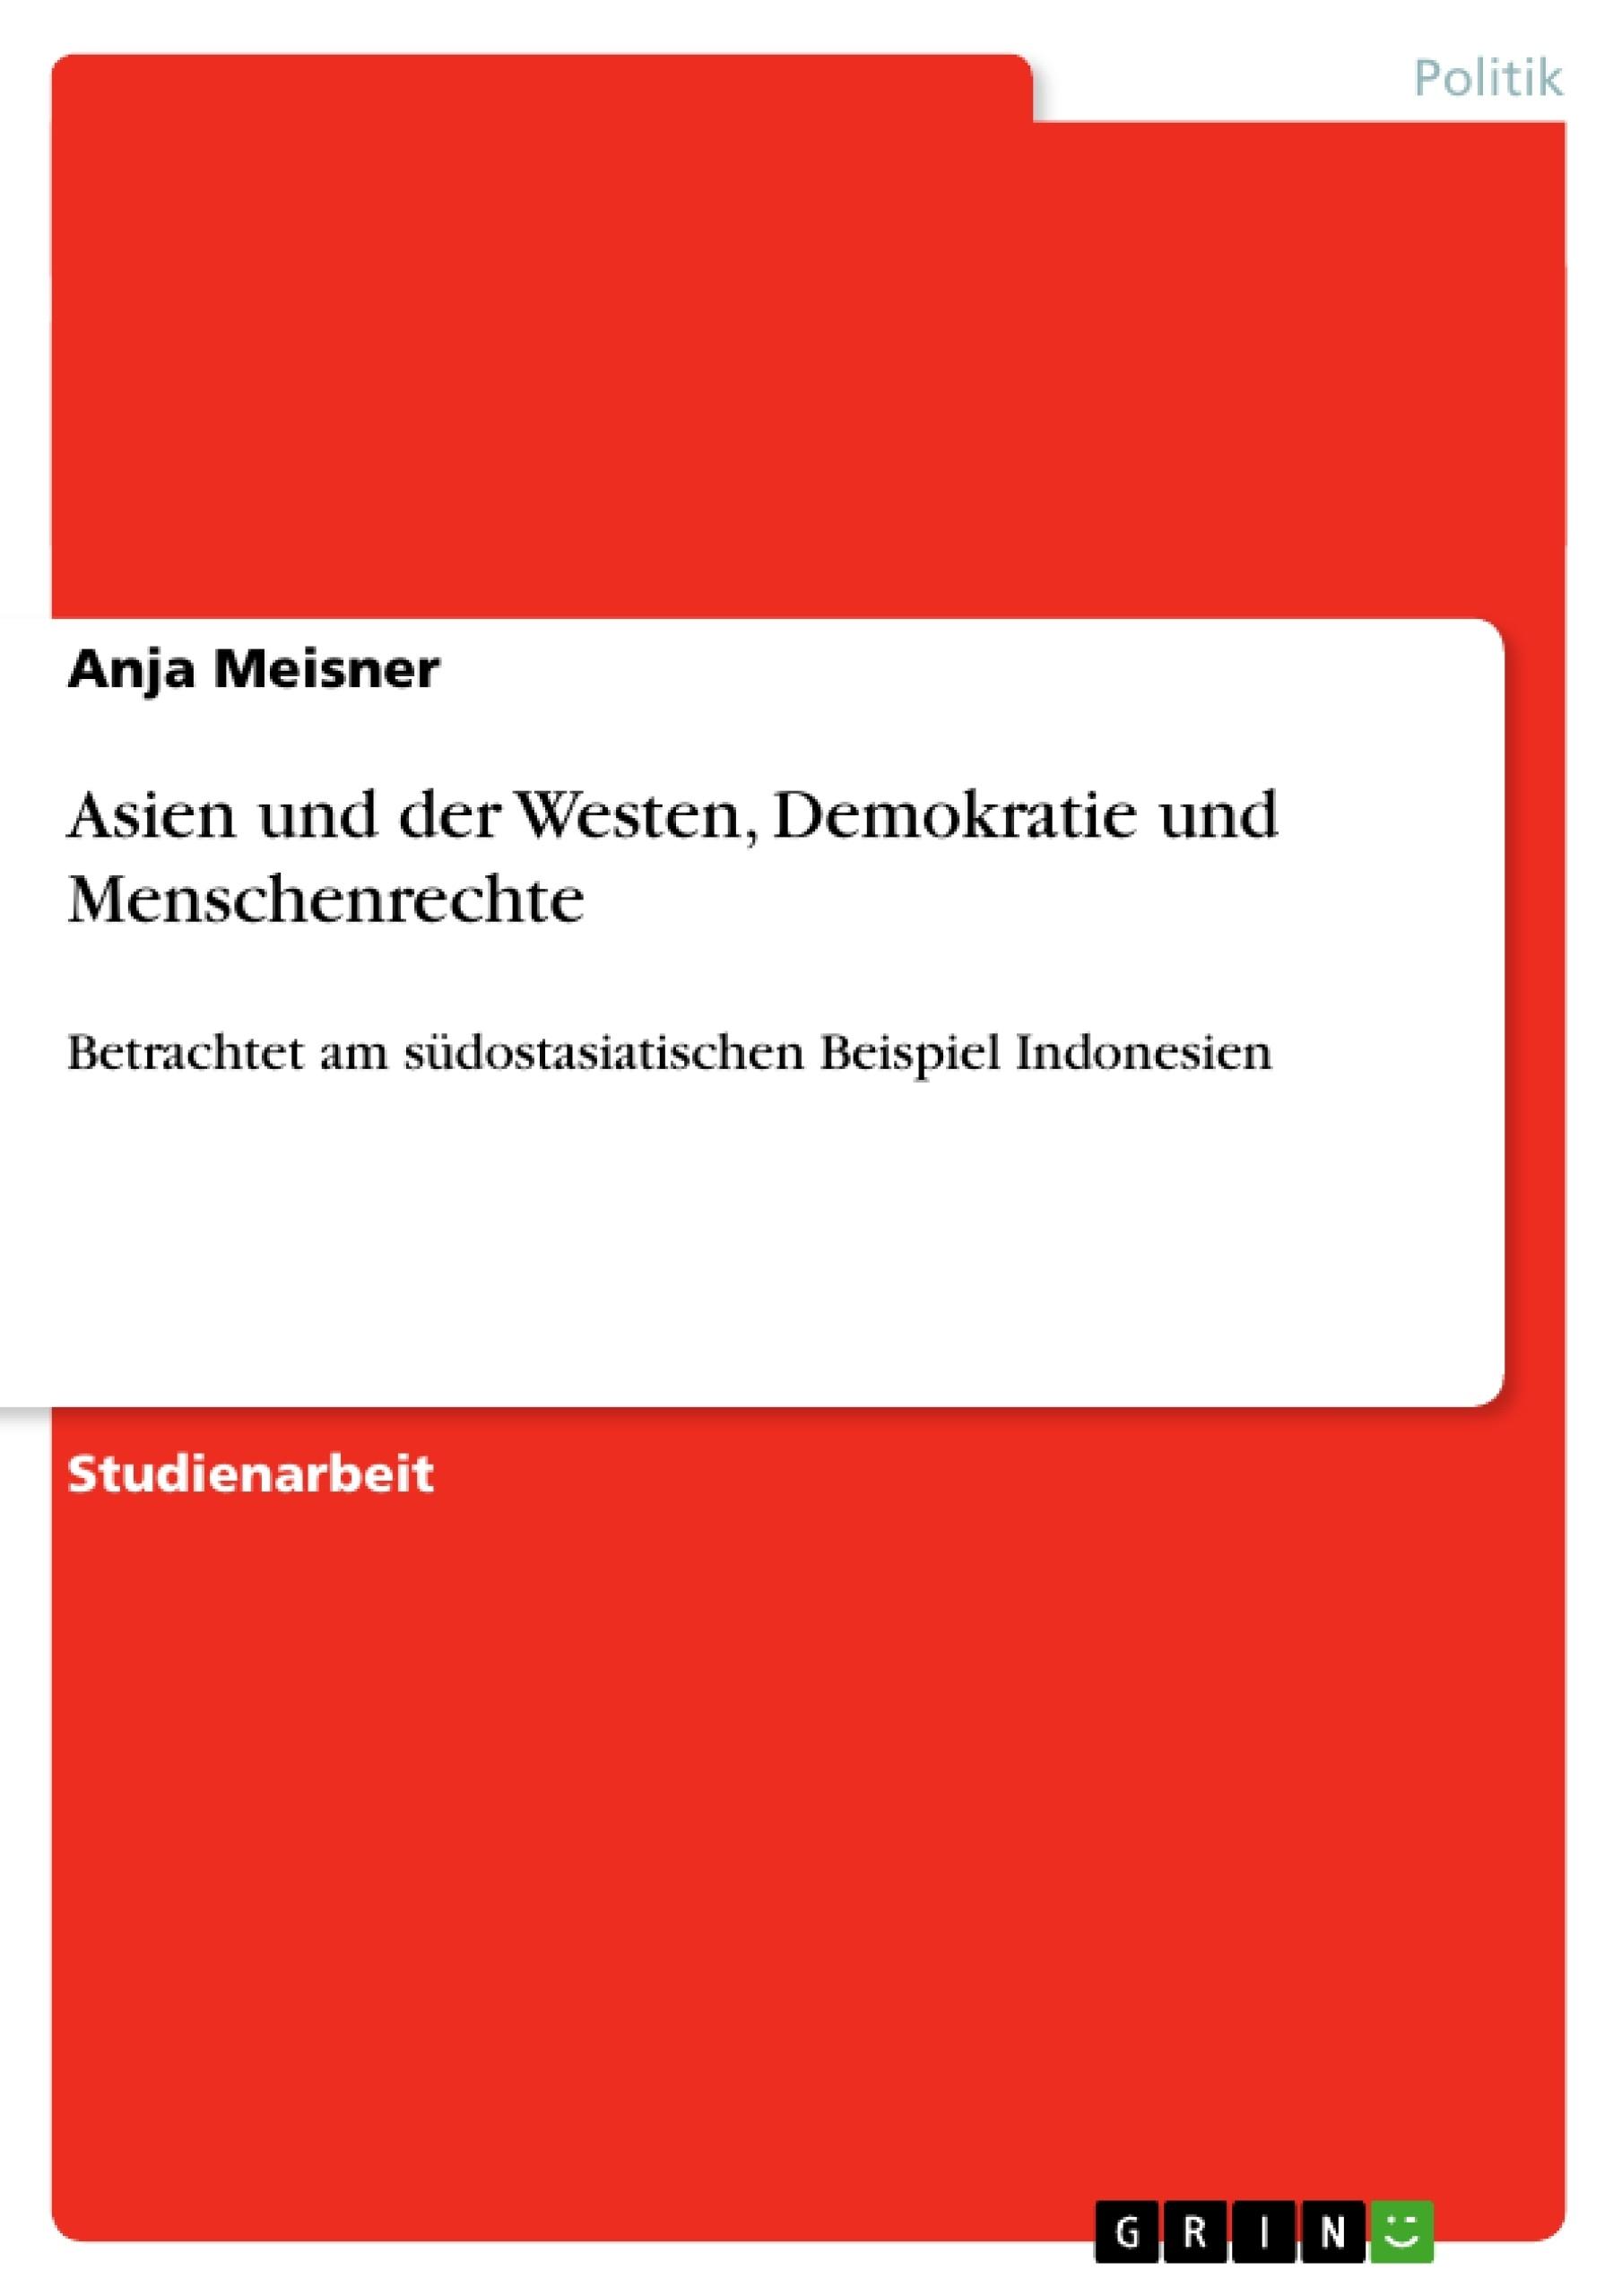 Titel: Asien und der Westen, Demokratie und Menschenrechte